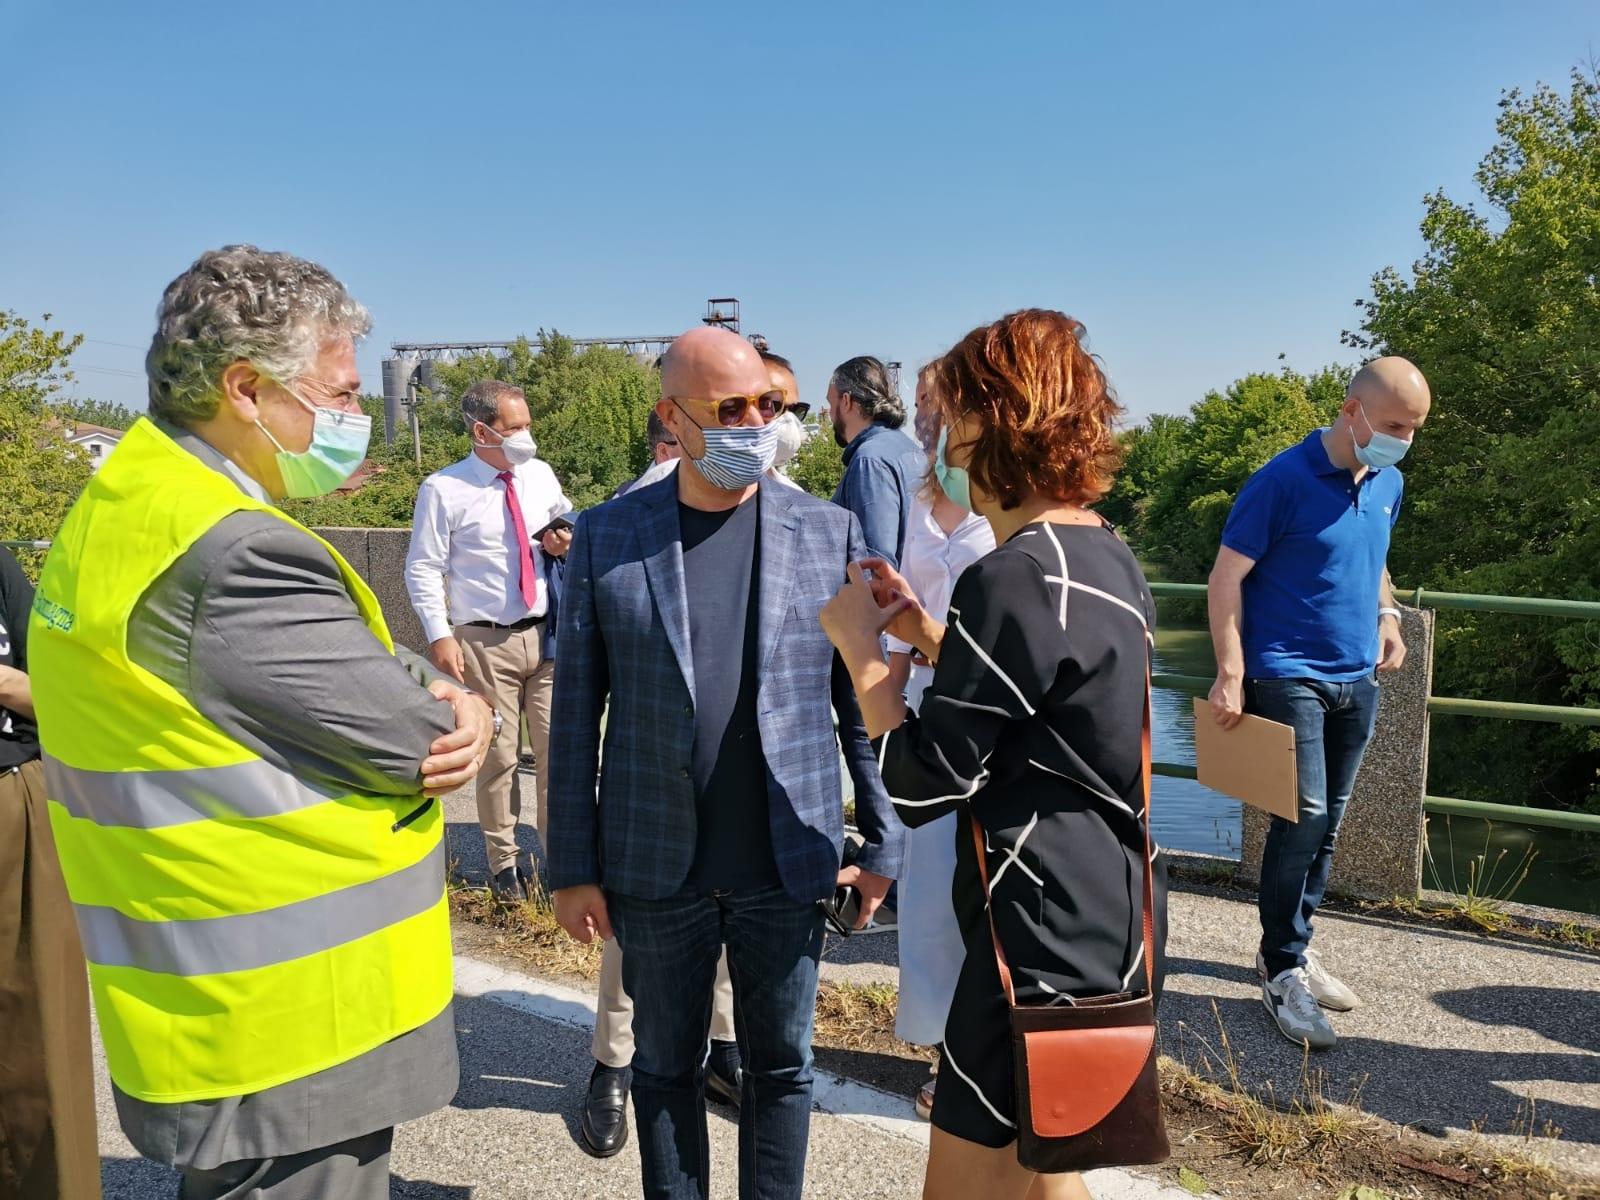 Nella foto il presidente della Regione Emilia-Romagna, Stefano Bonaccini, e la presidente della Provincia, Barbara Paron